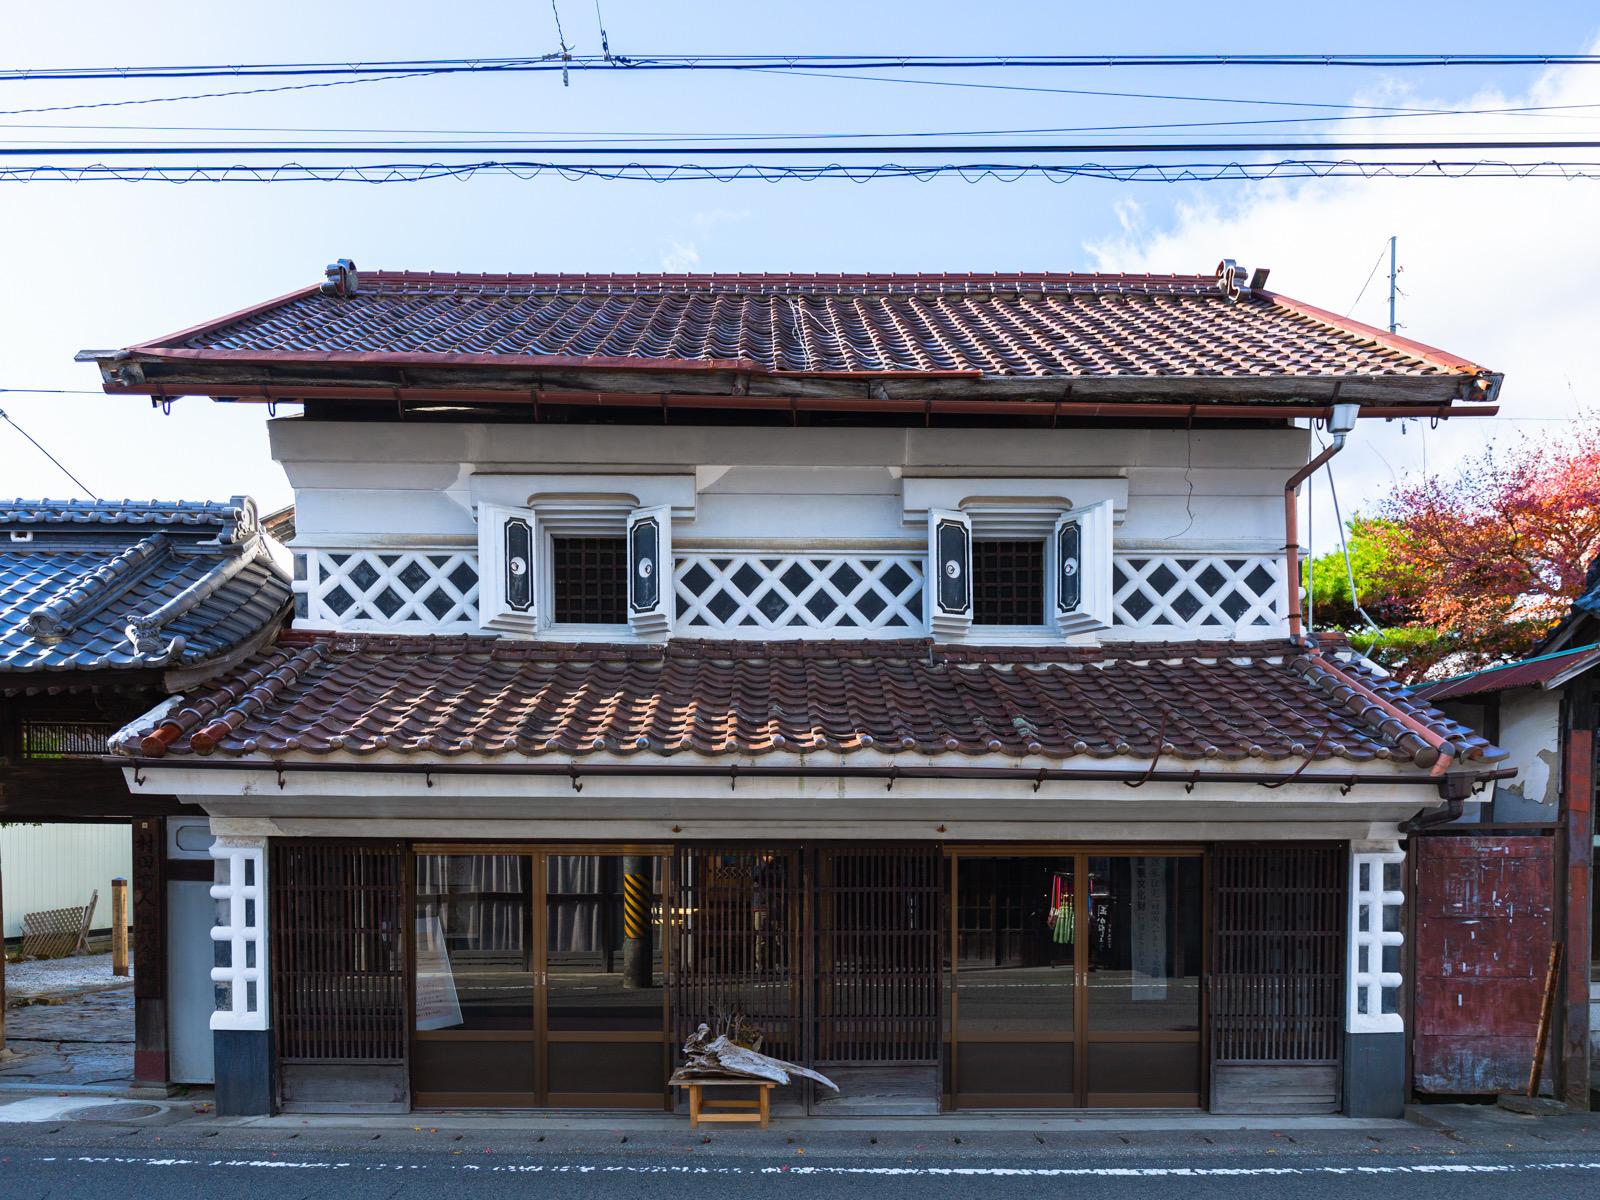 村田町かねしょうの時館(かねしょう商店)